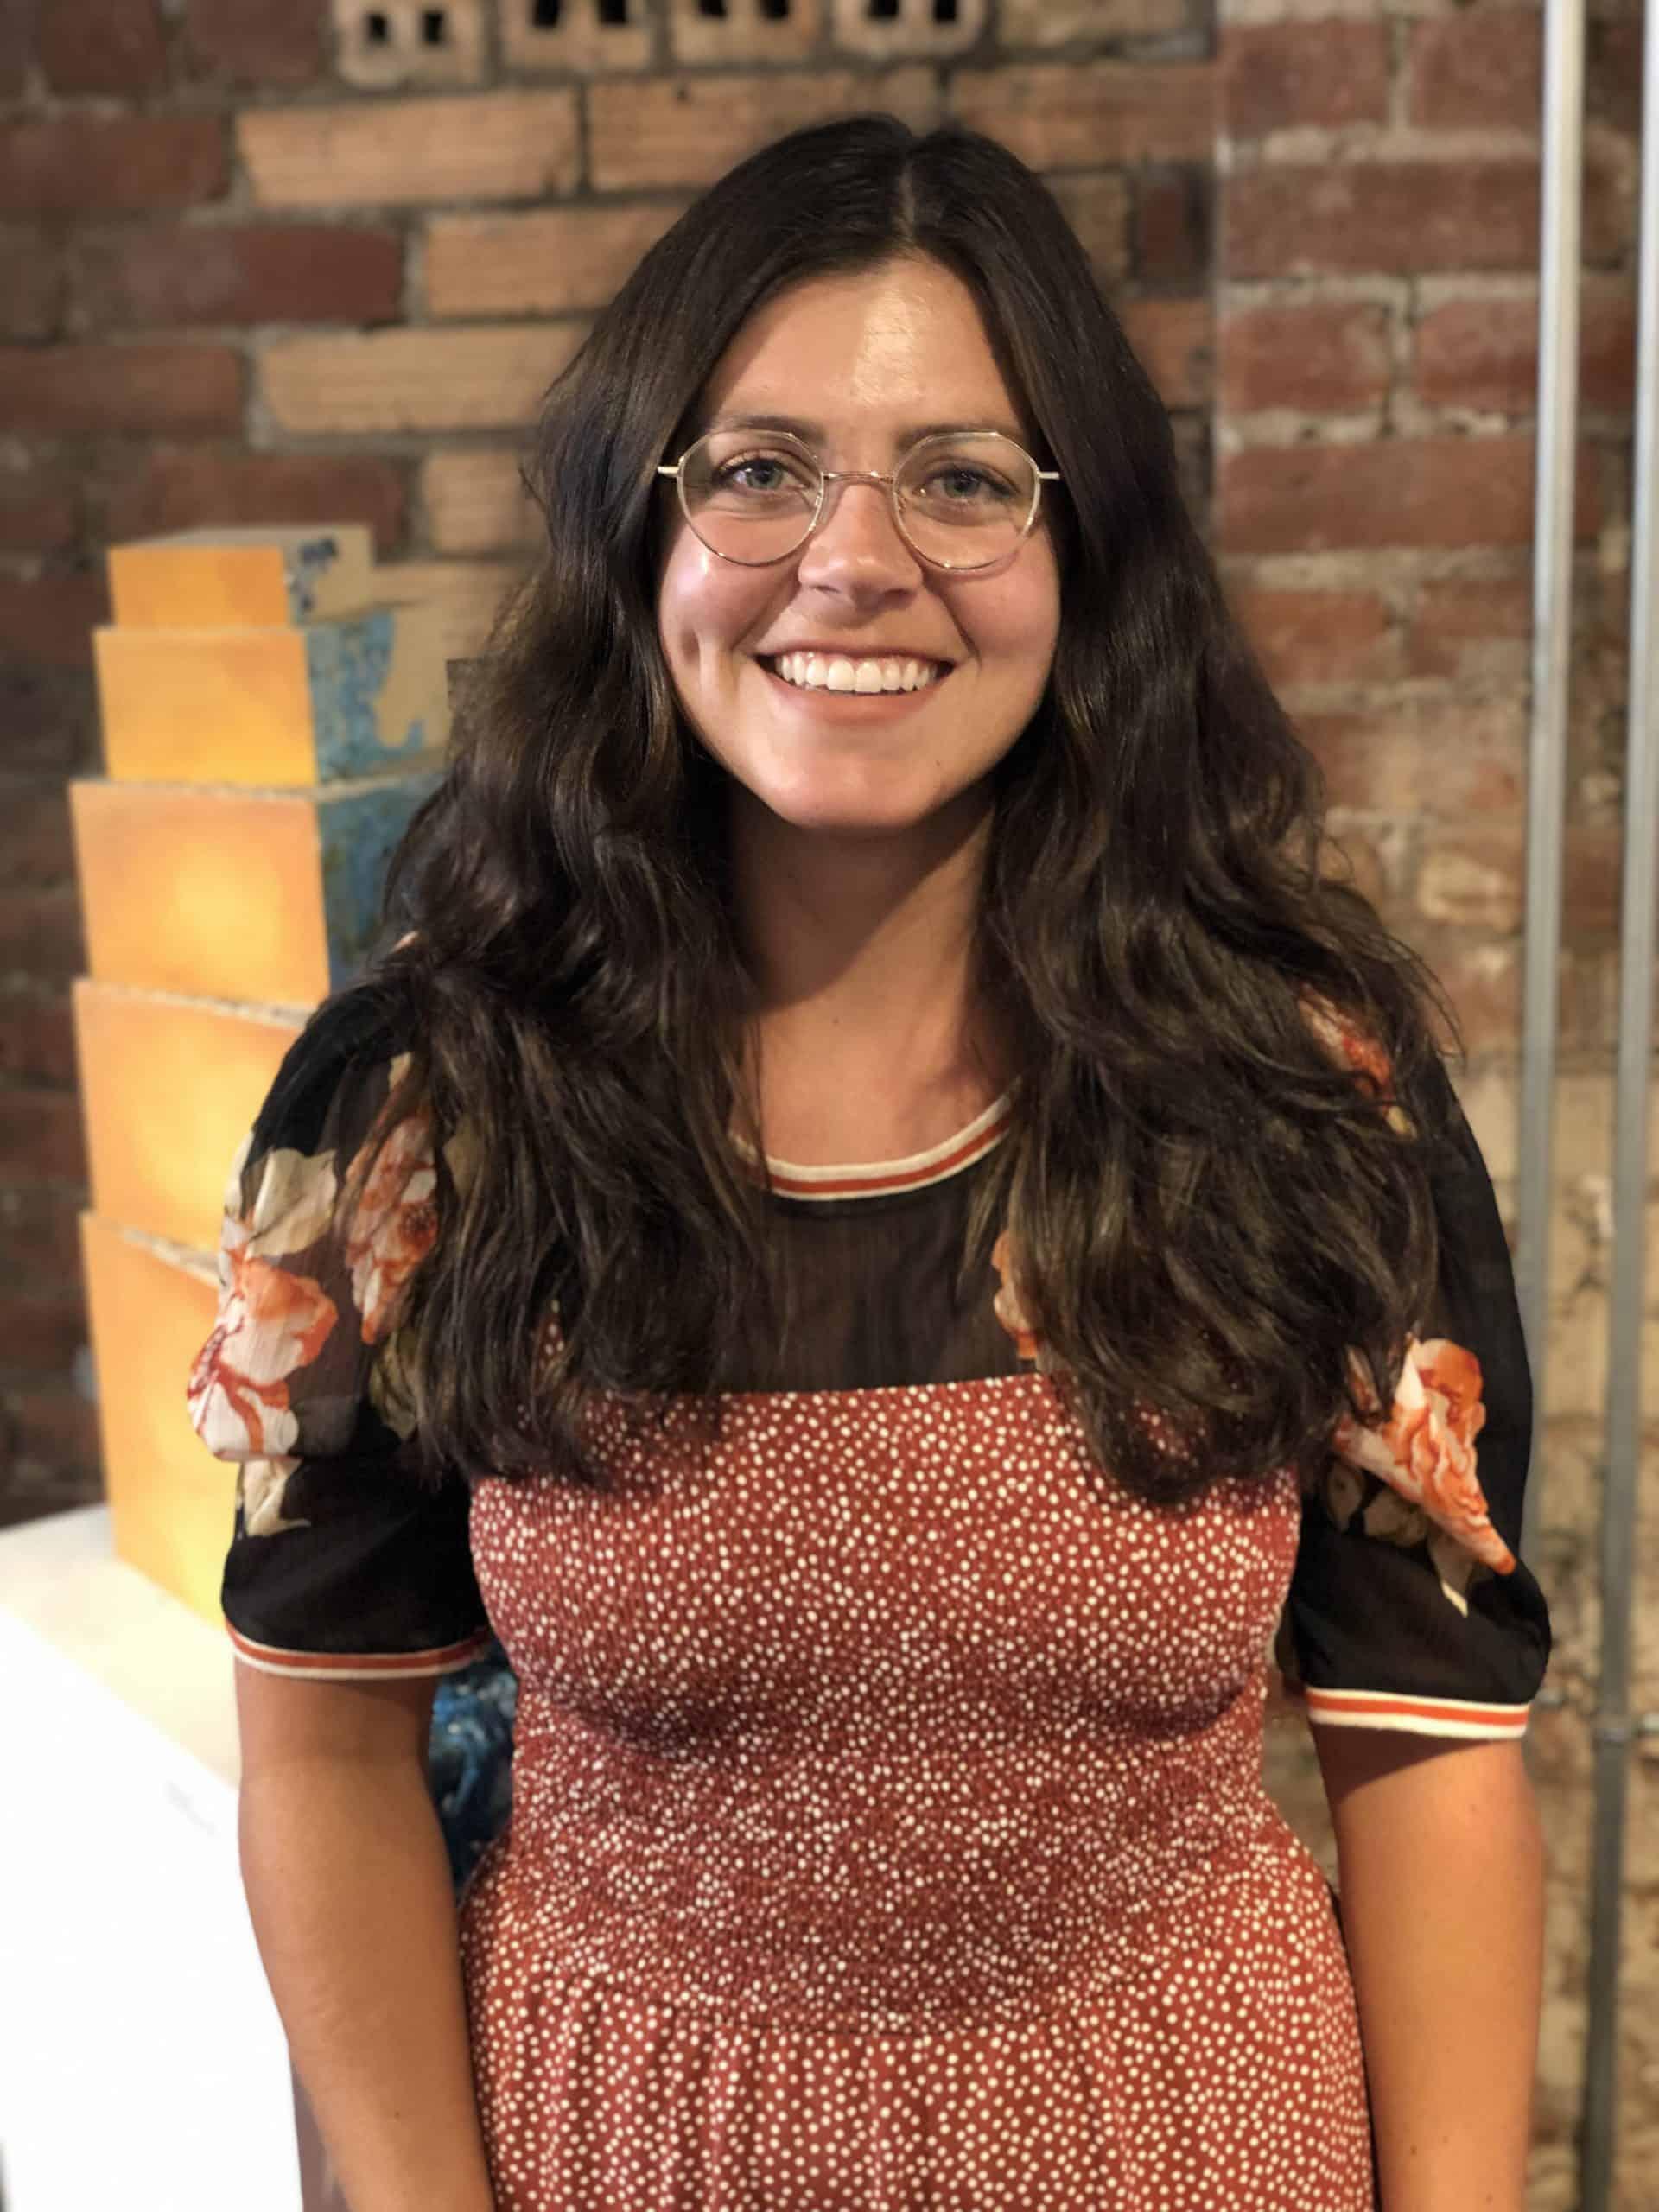 Jasmine Pierik